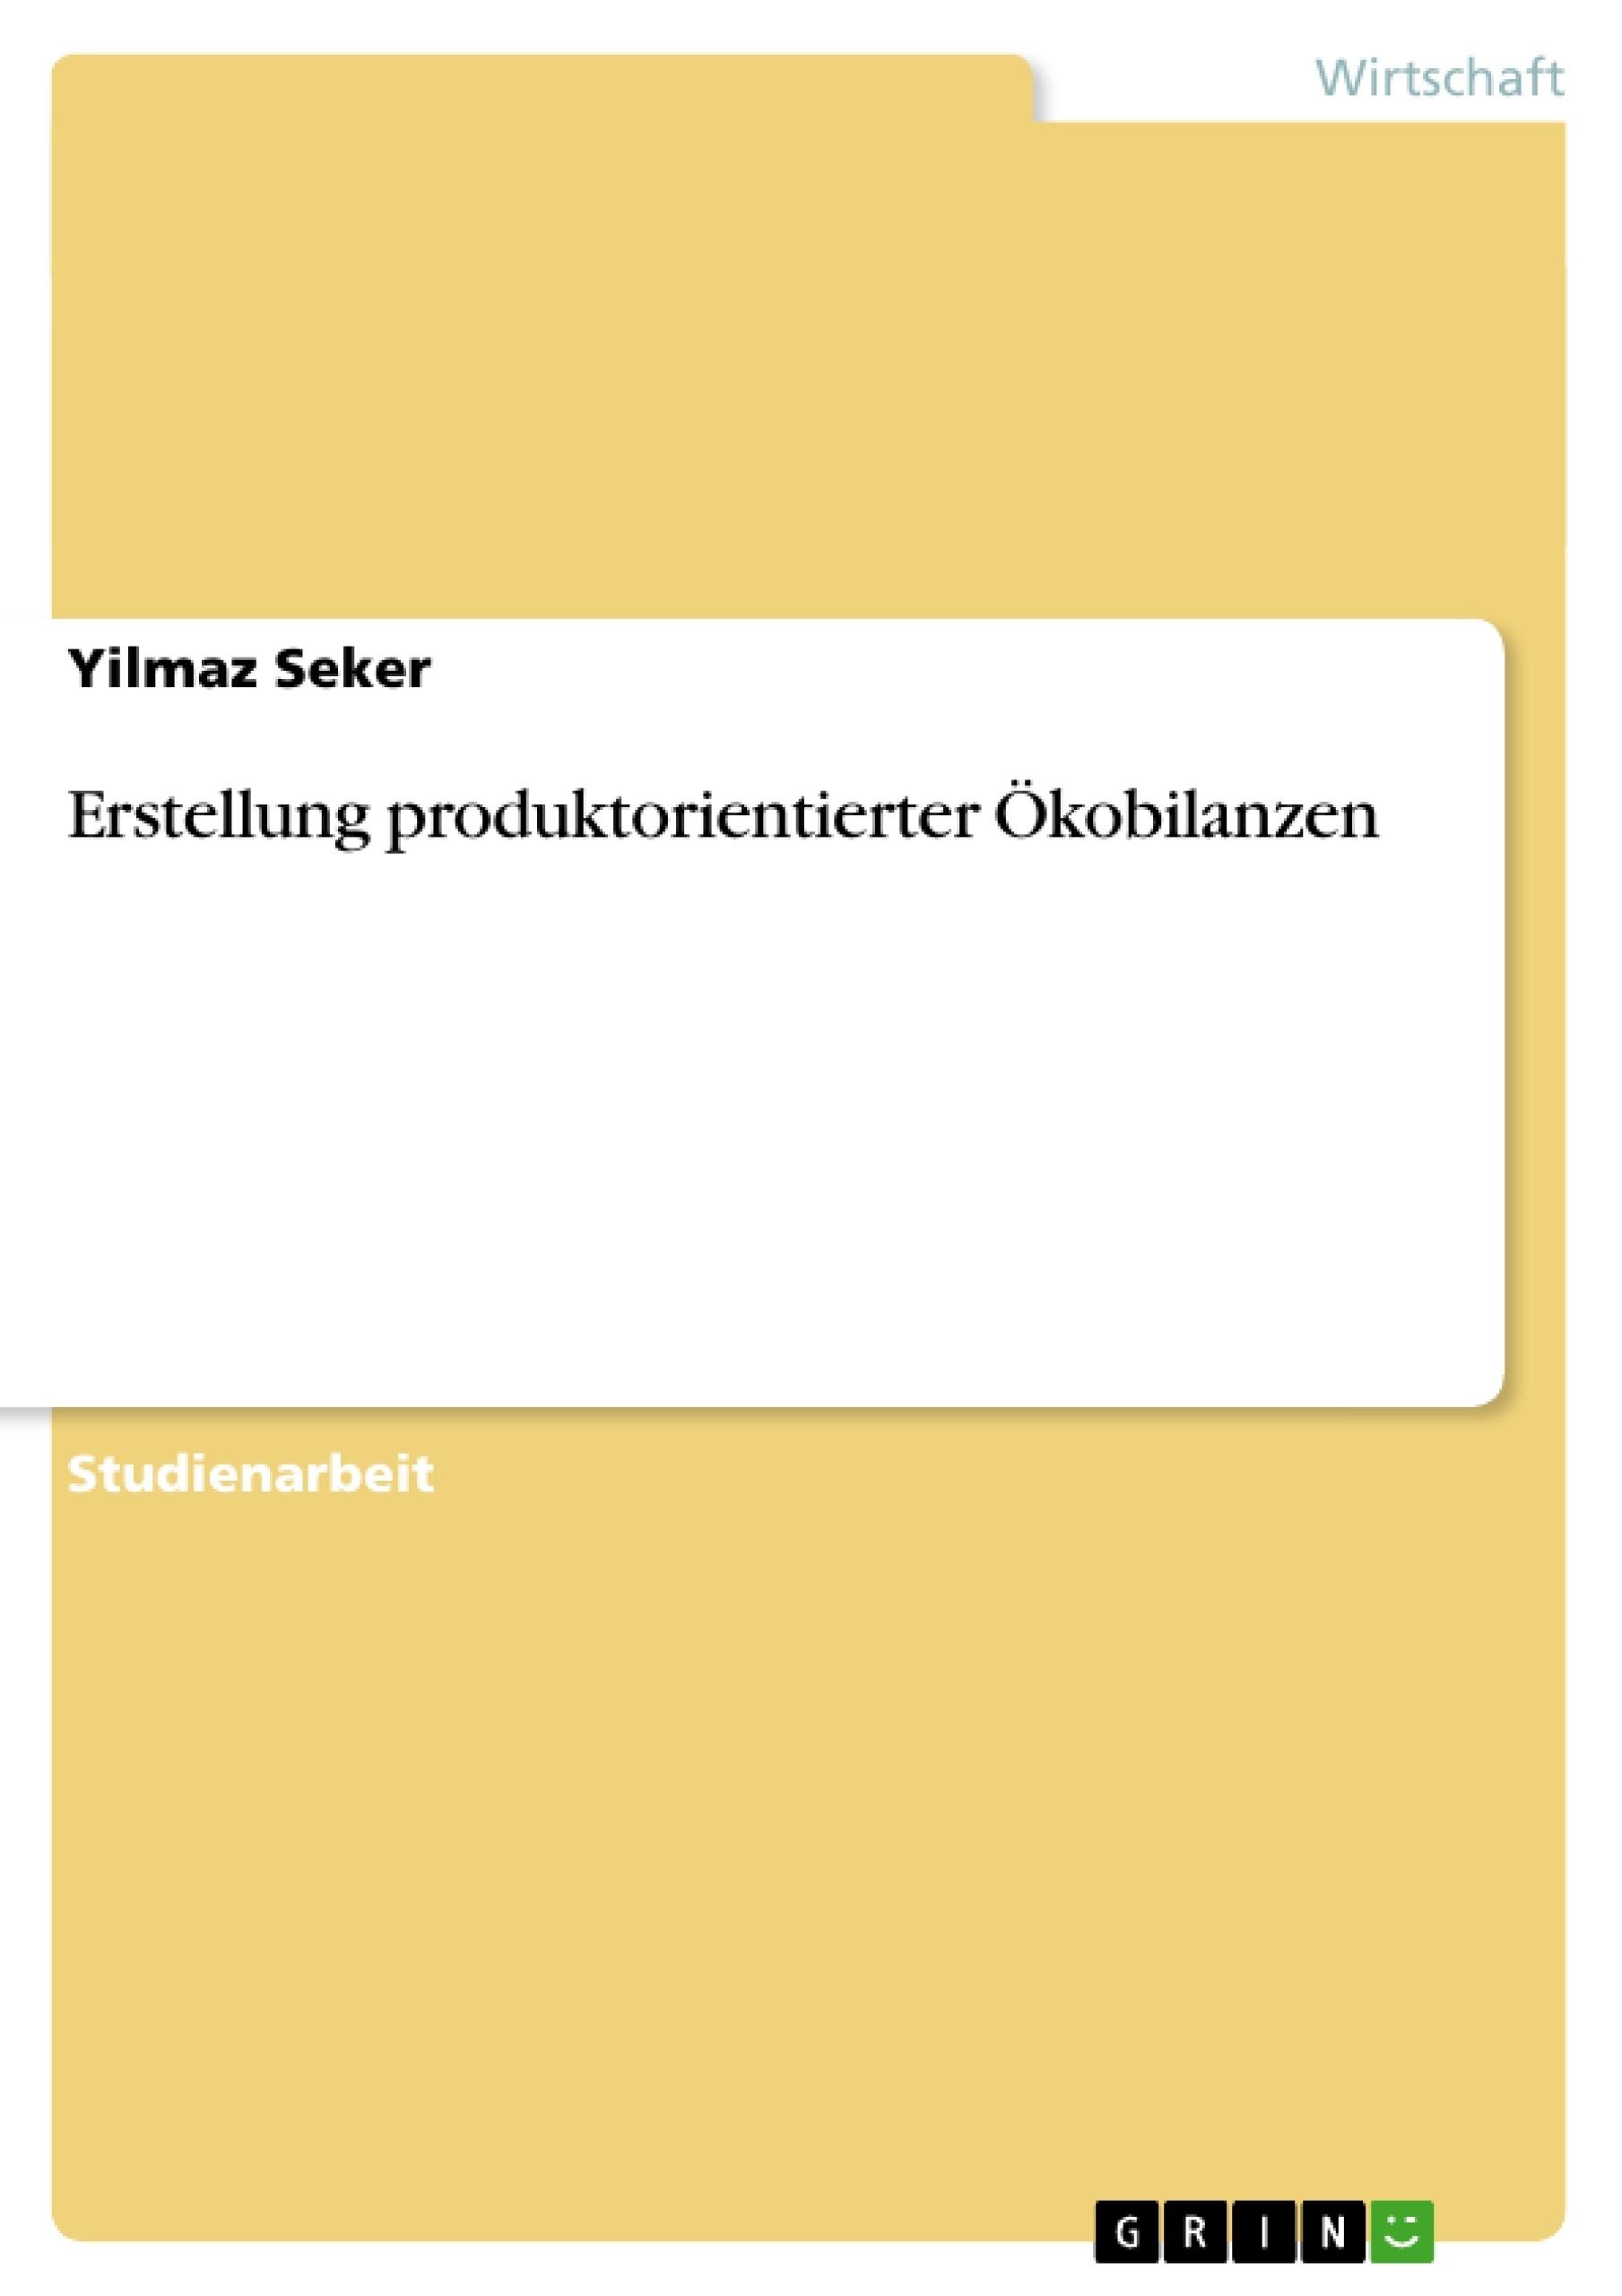 Titel: Erstellung produktorientierter Ökobilanzen